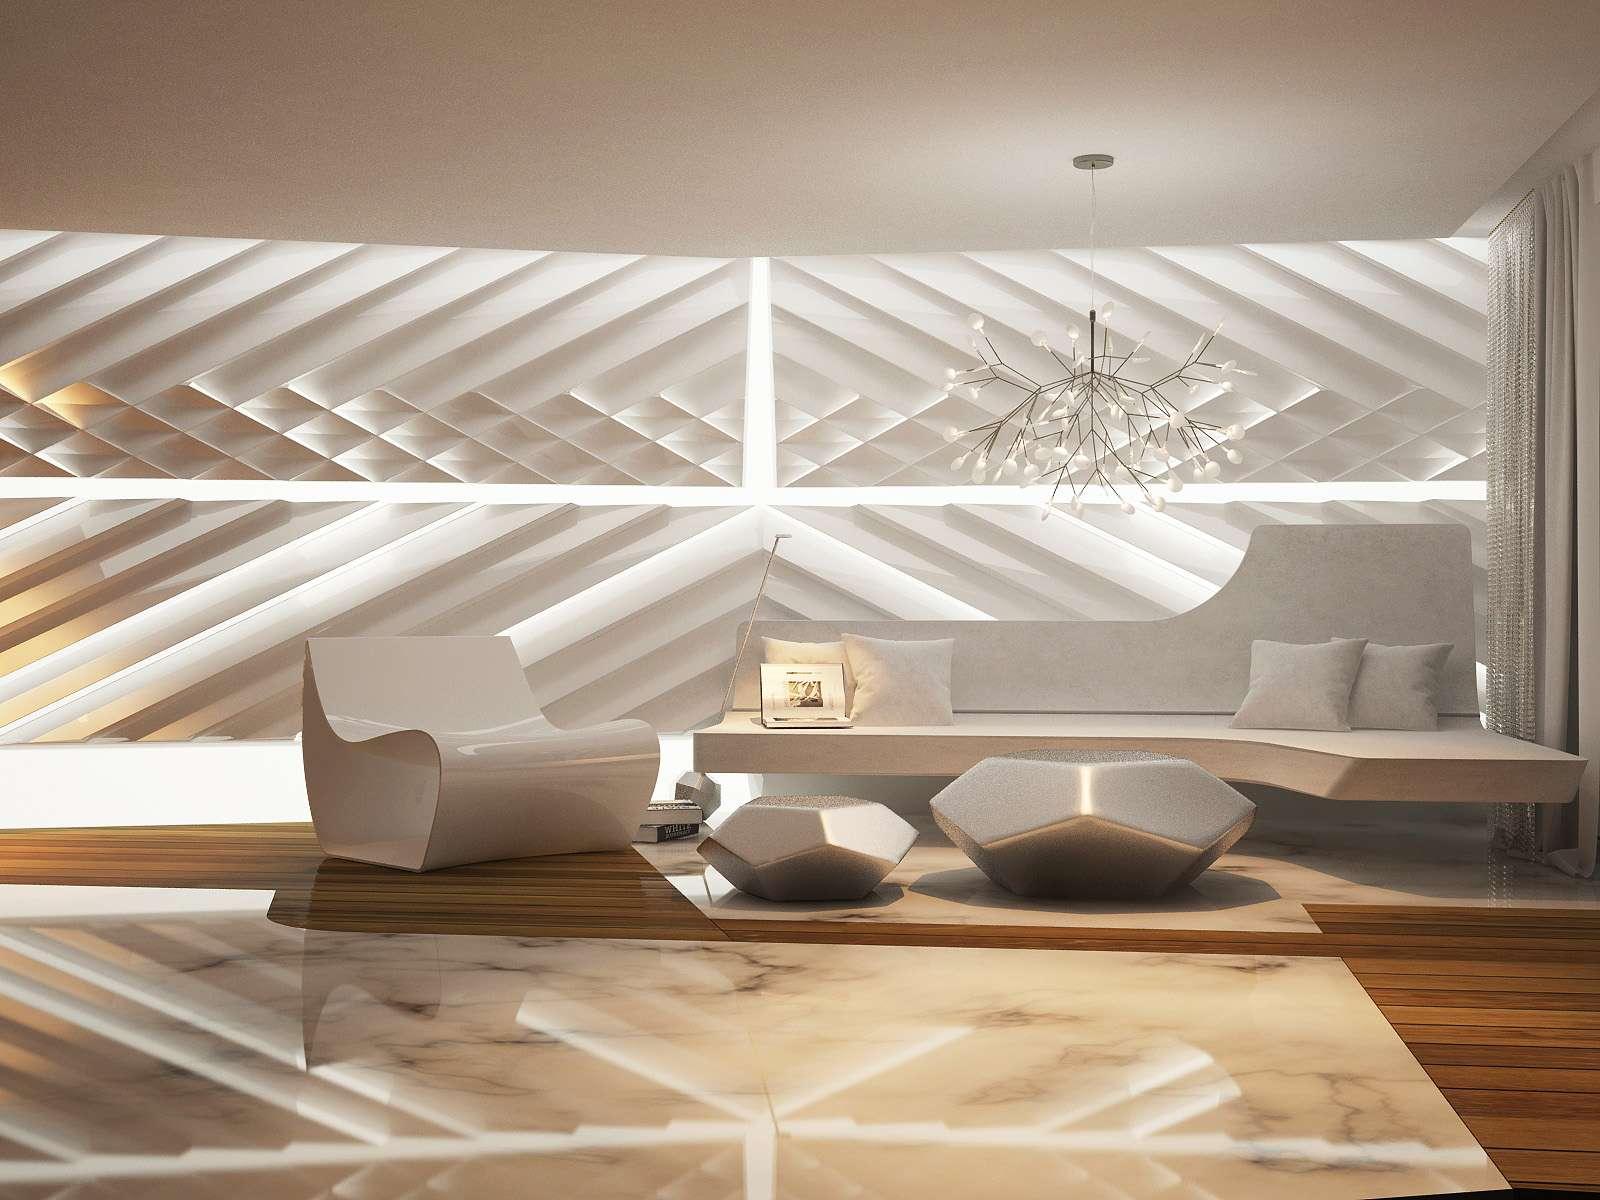 futuristic-interior-design_578090.jpg